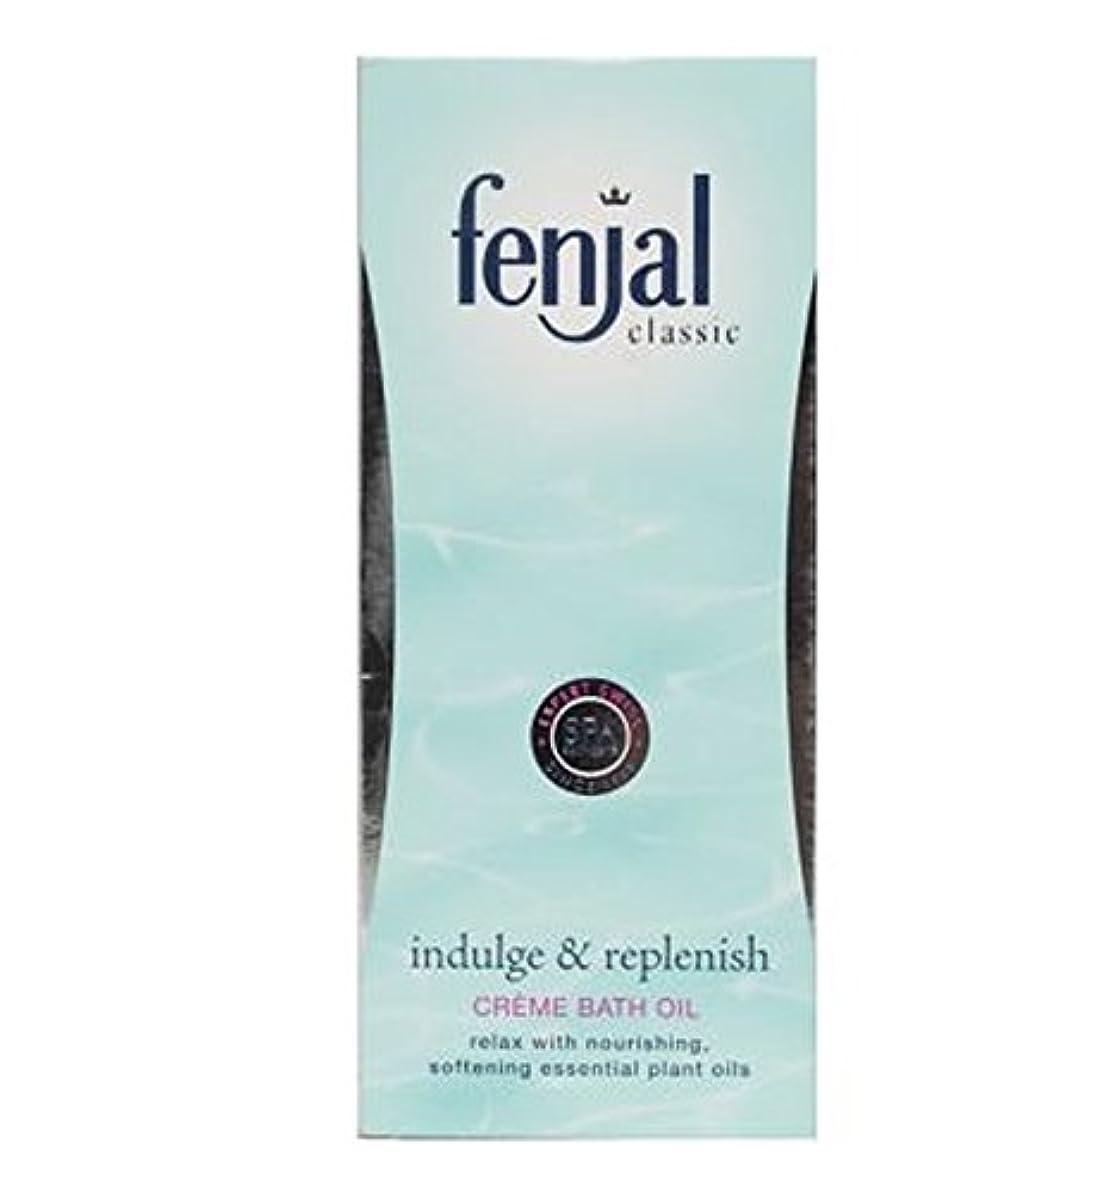 ドロー鎖一般化するFenjal古典的な高級クリームバスオイル125ミリリットル (Fenjal) (x2) - Fenjal Classic Luxury Creme Bath Oil 125 ml (Pack of 2) [並行輸入品]